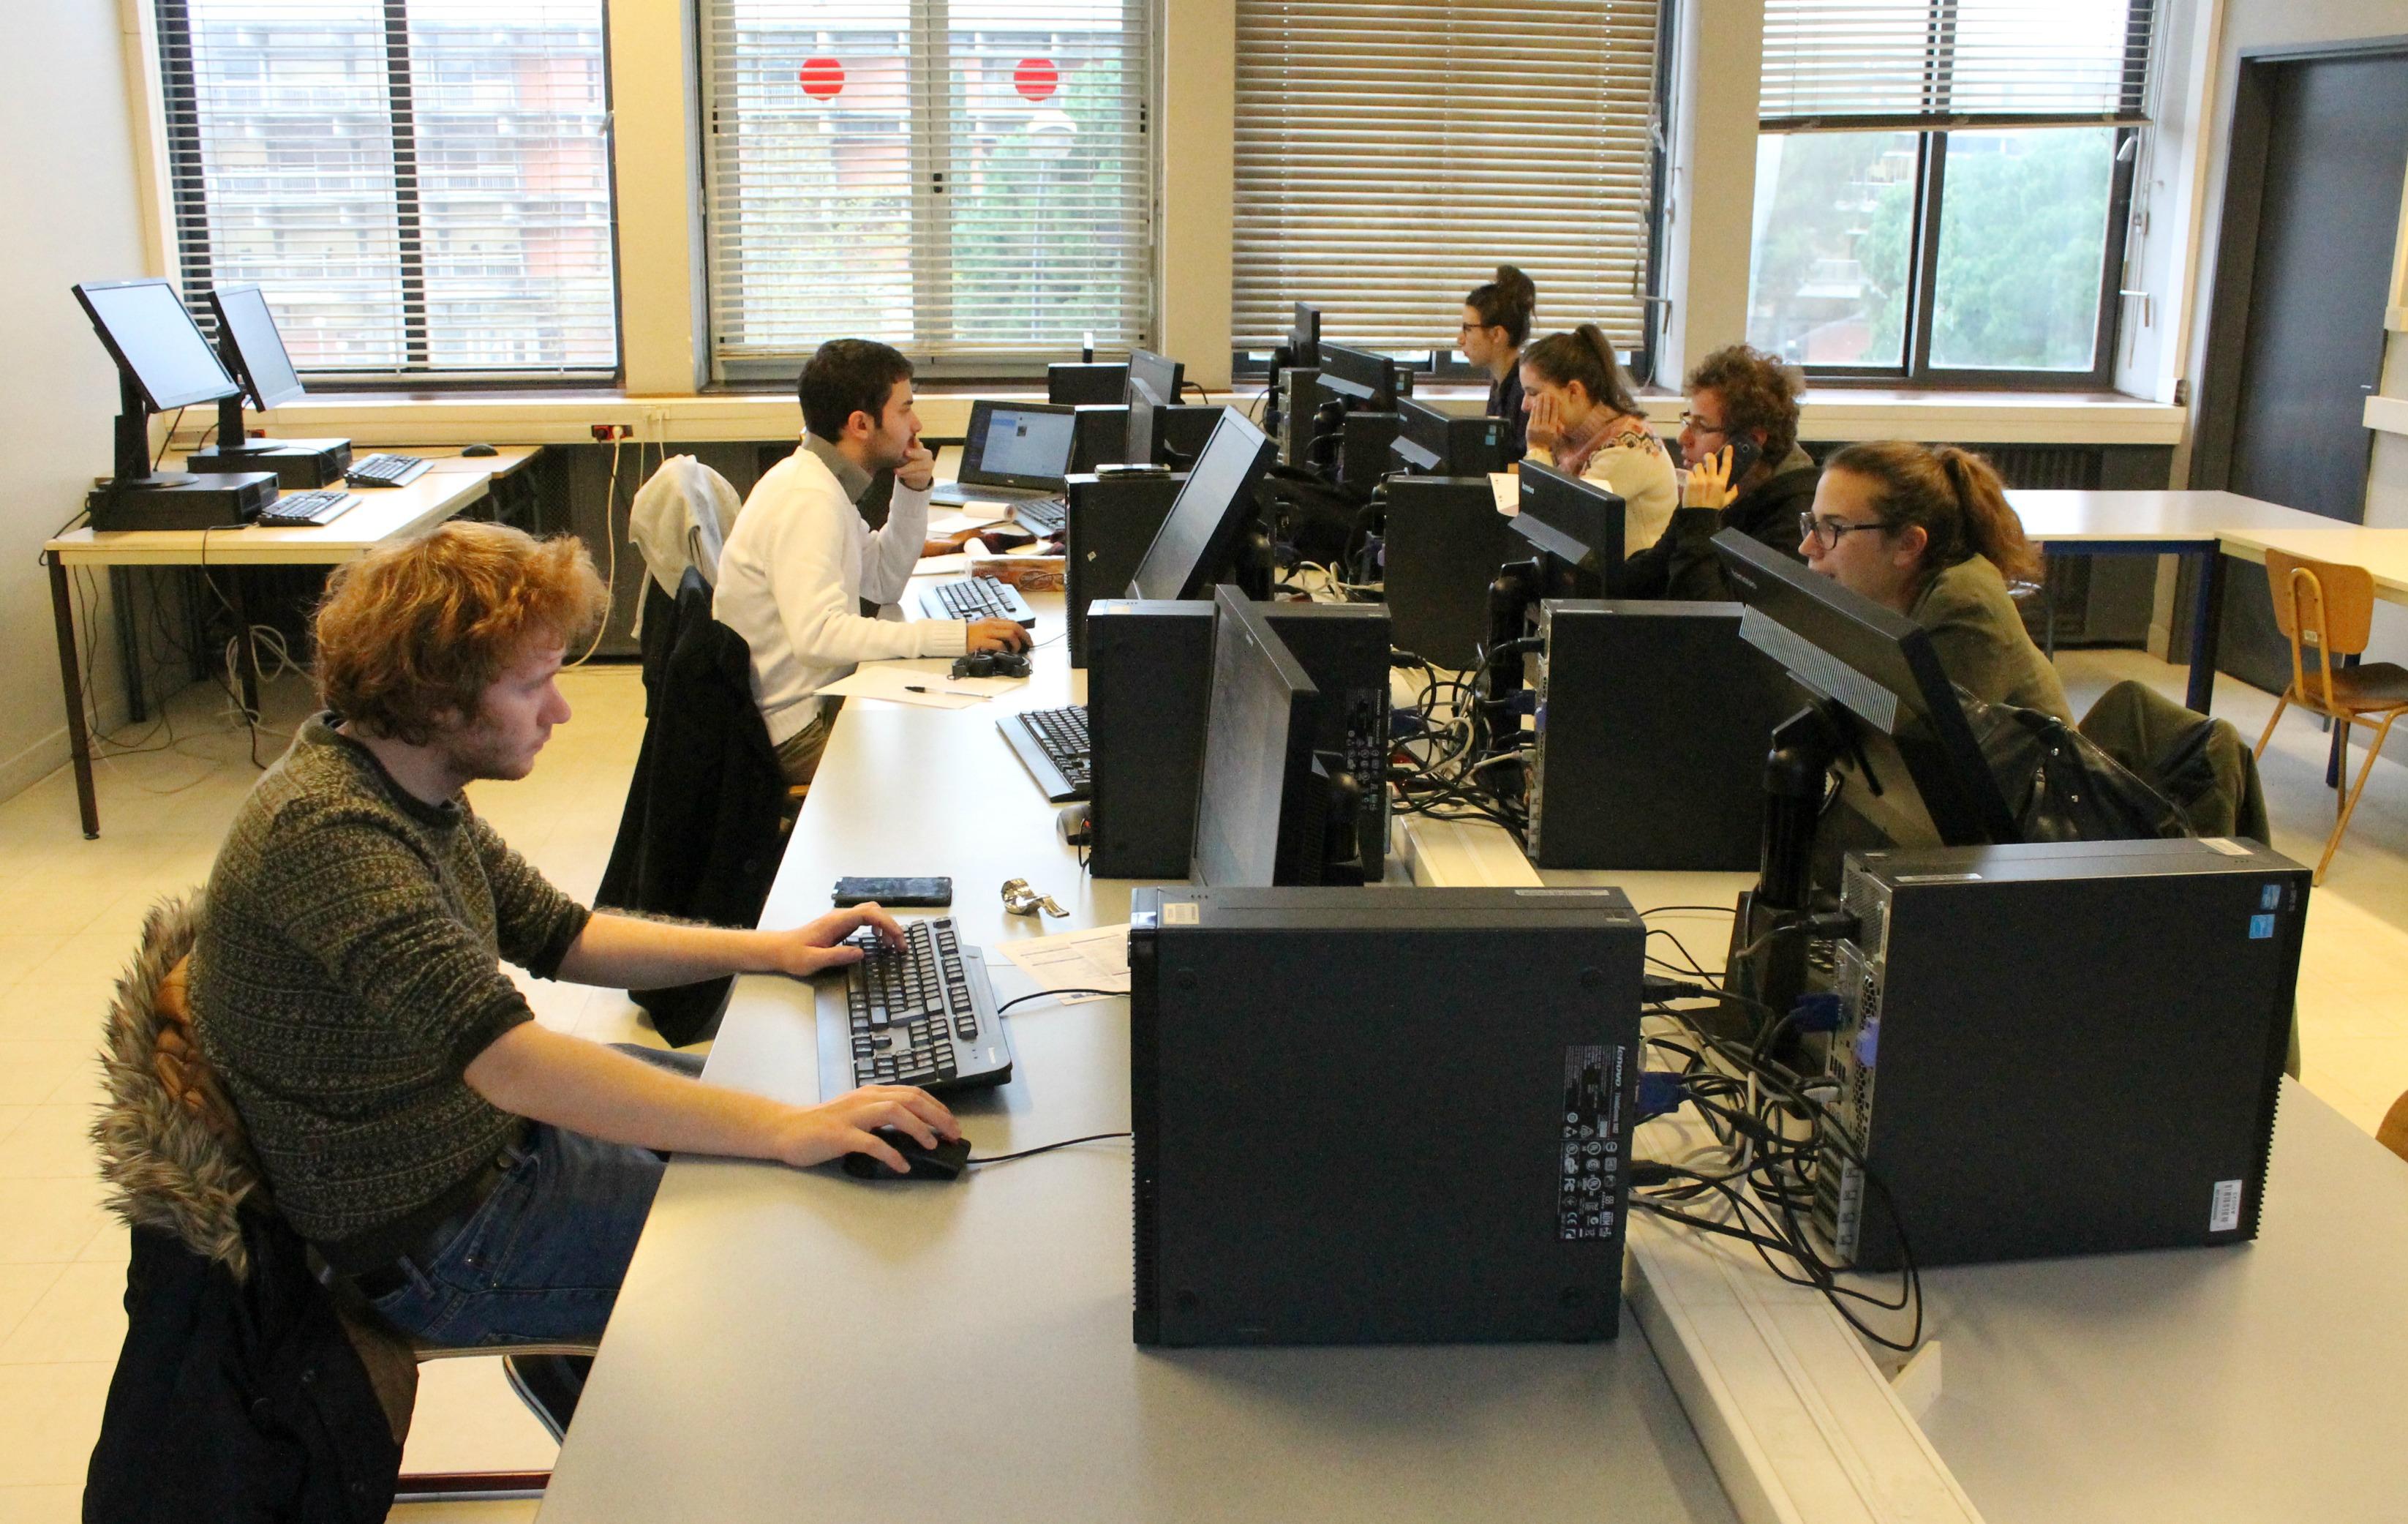 La rédaction d'Univers-Cités au travail dans les locaux de Sciences Po Toulouse. (Photo Marie Desrumaux)